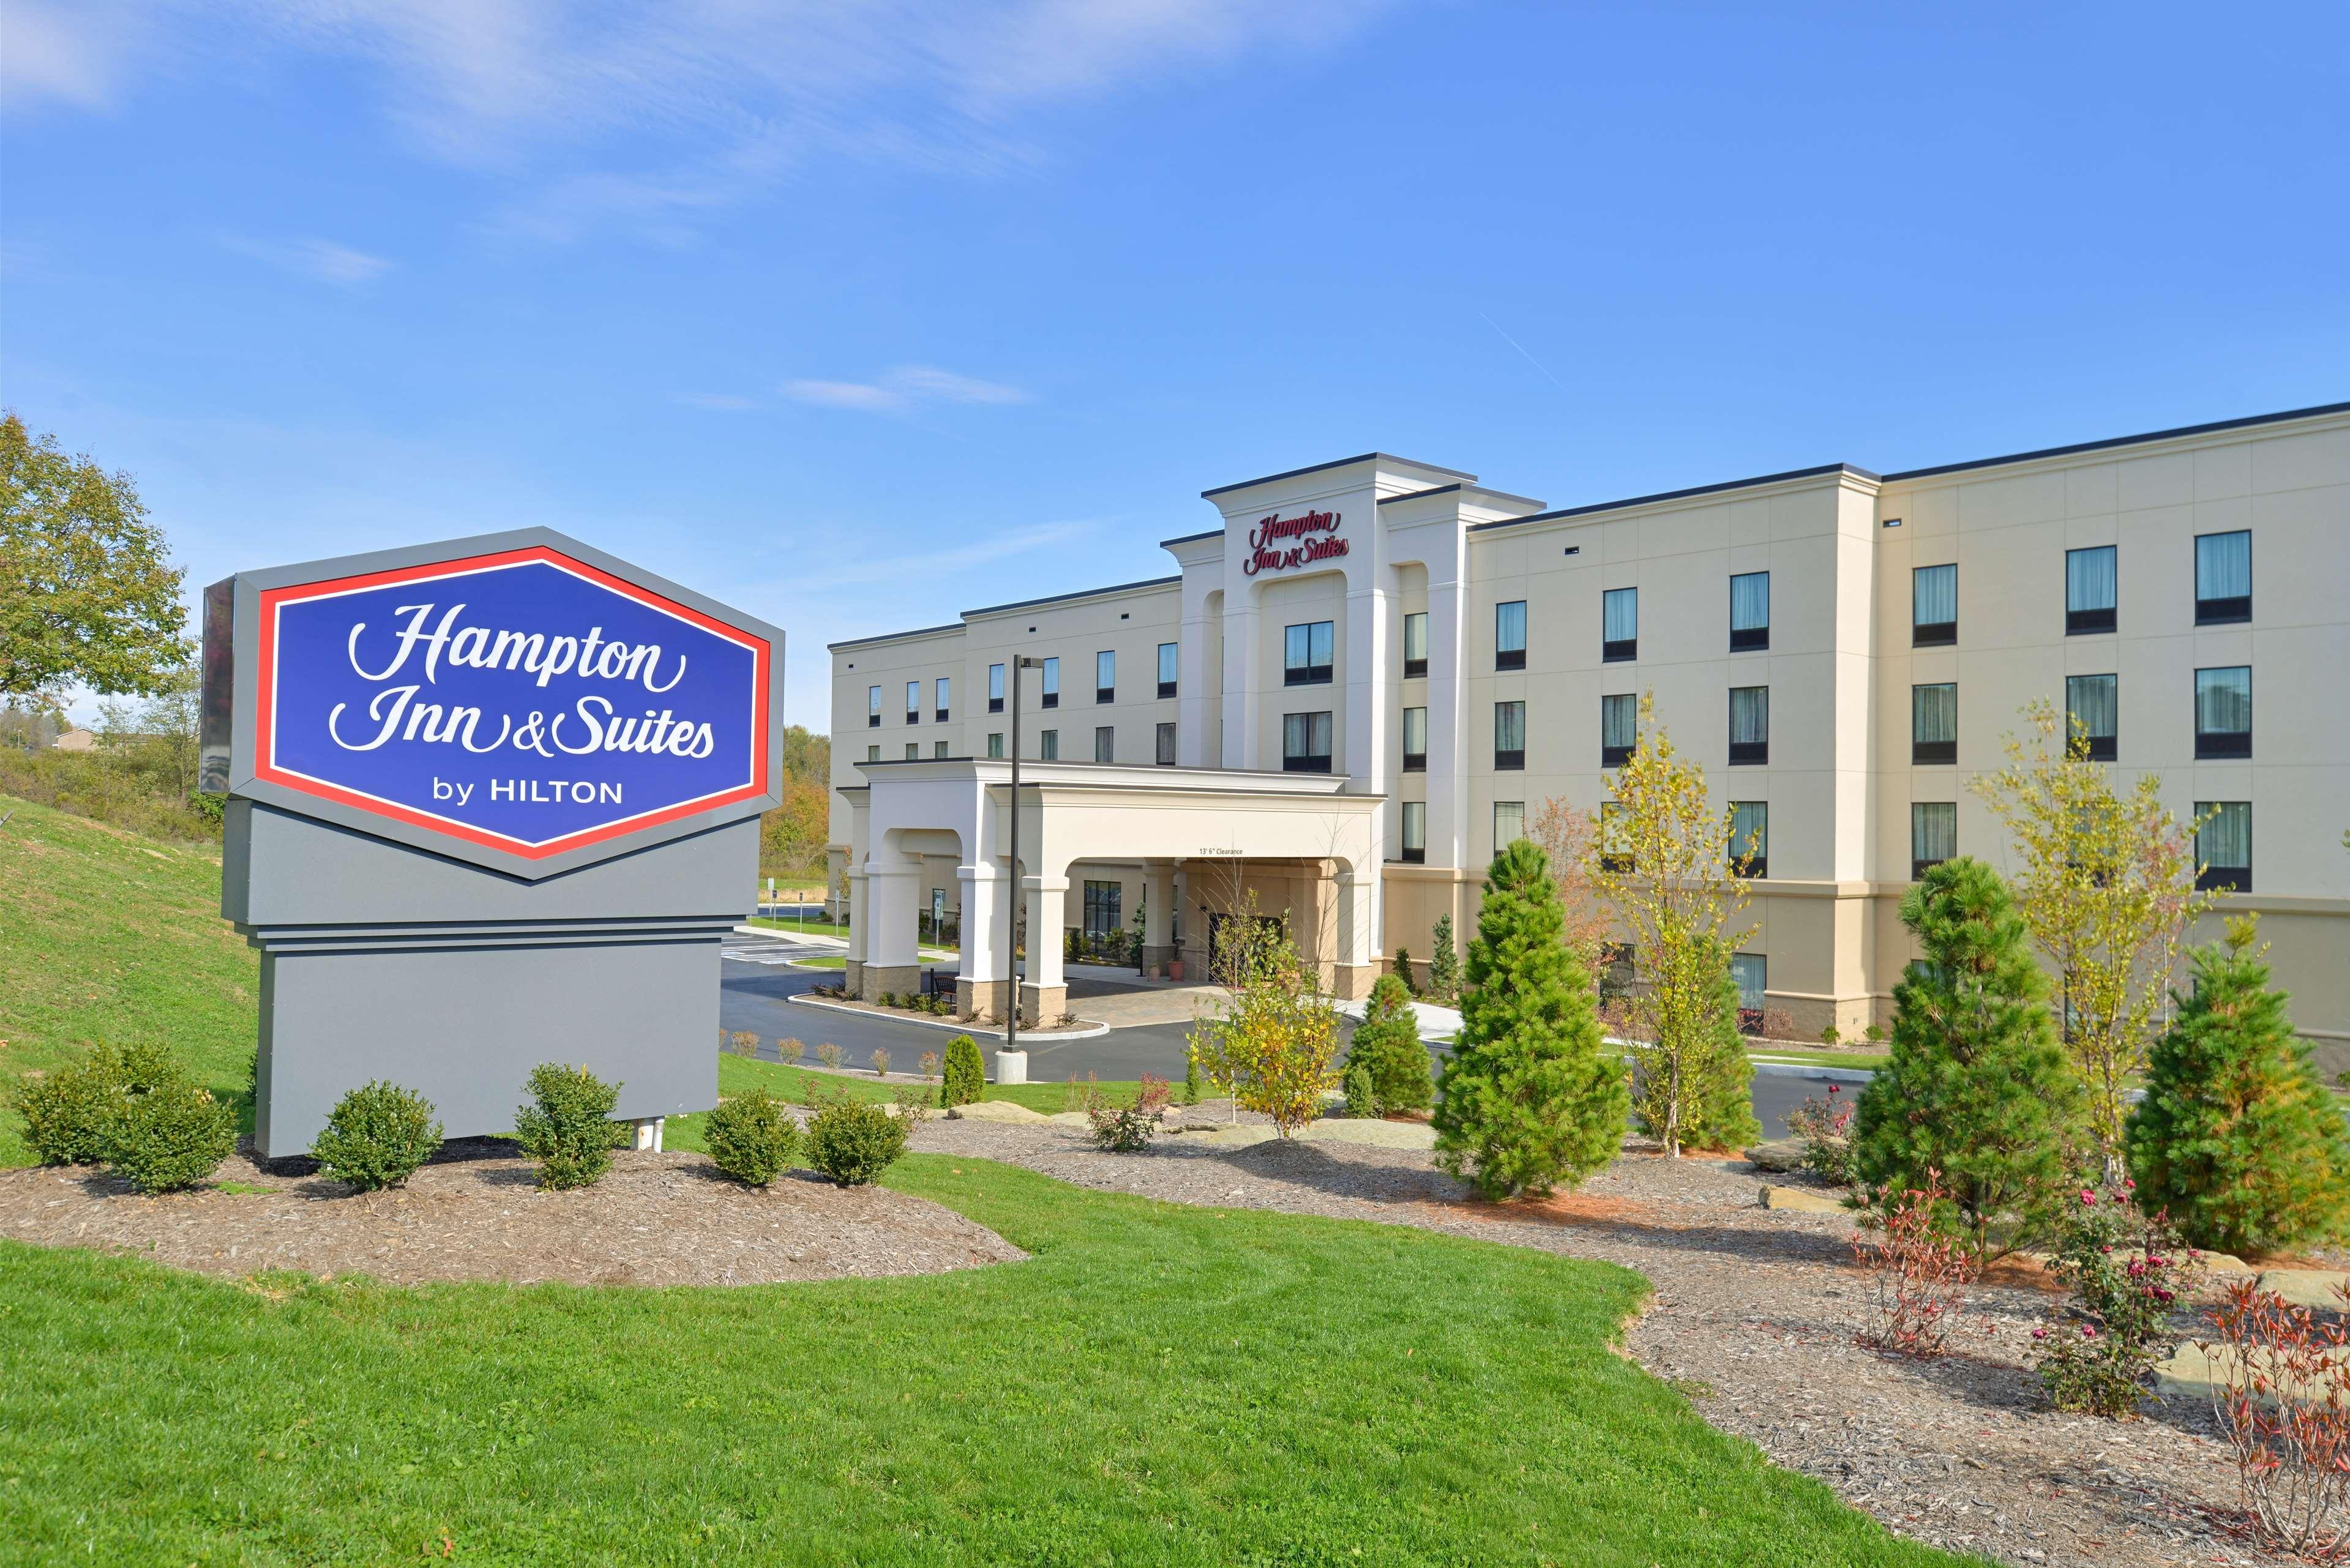 Hampton Inn & Suites California University-Pittsburgh image 0